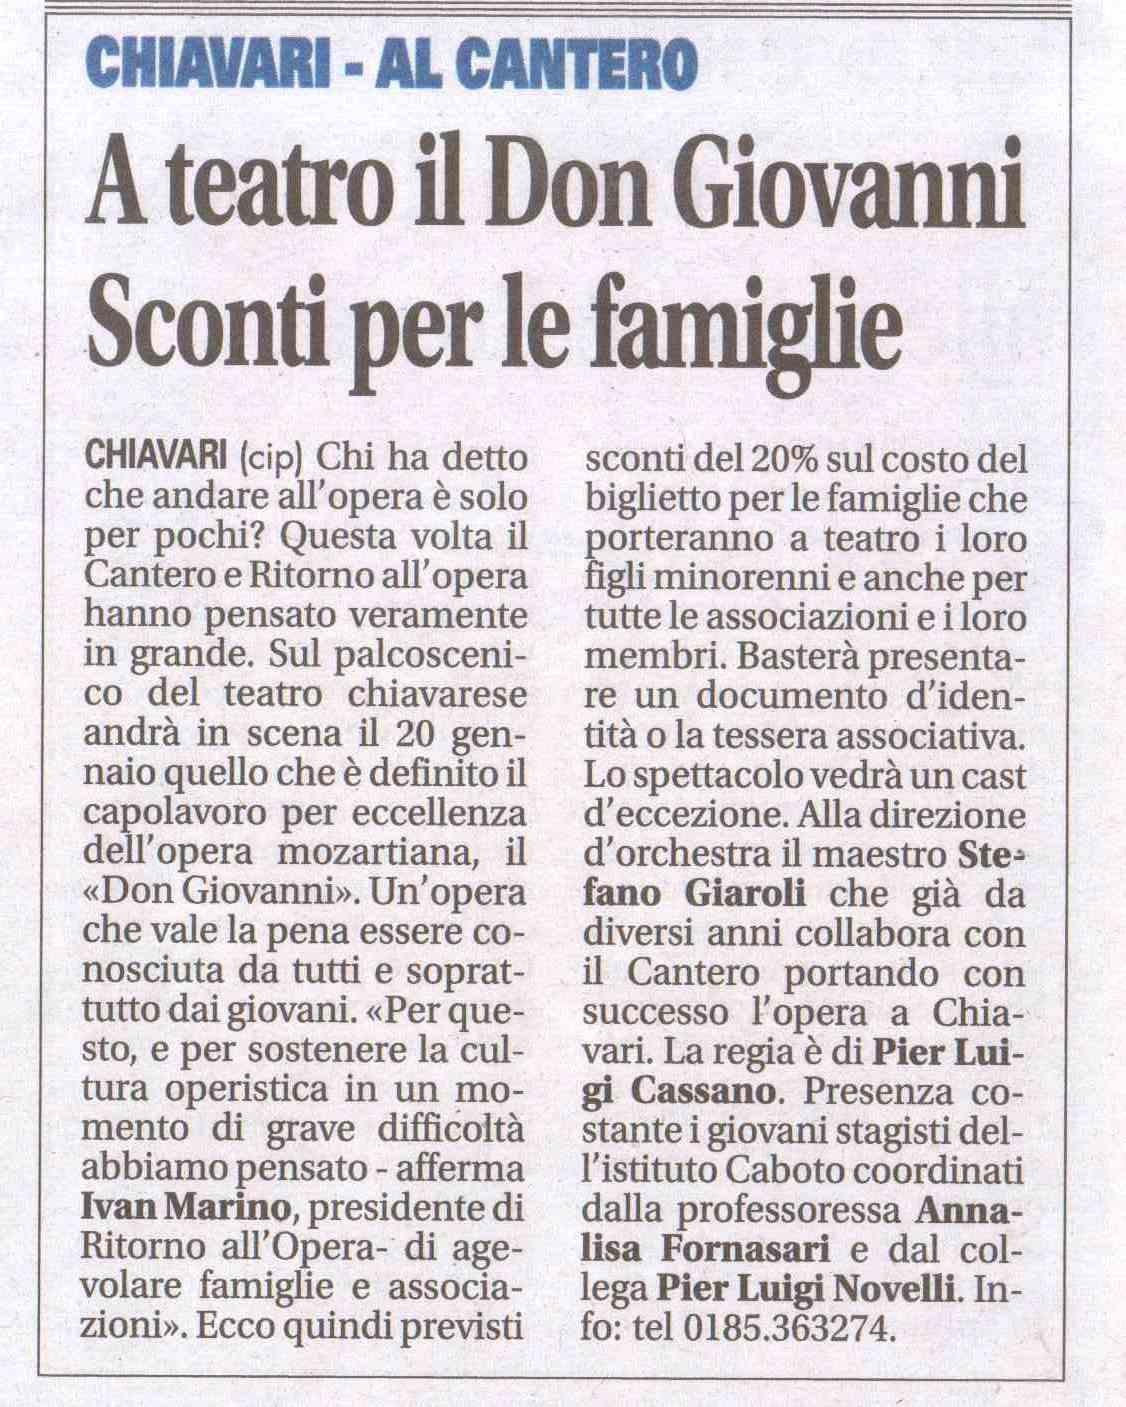 12.01.2012 – IL NUOVO LEVANTE – Don Giovanni